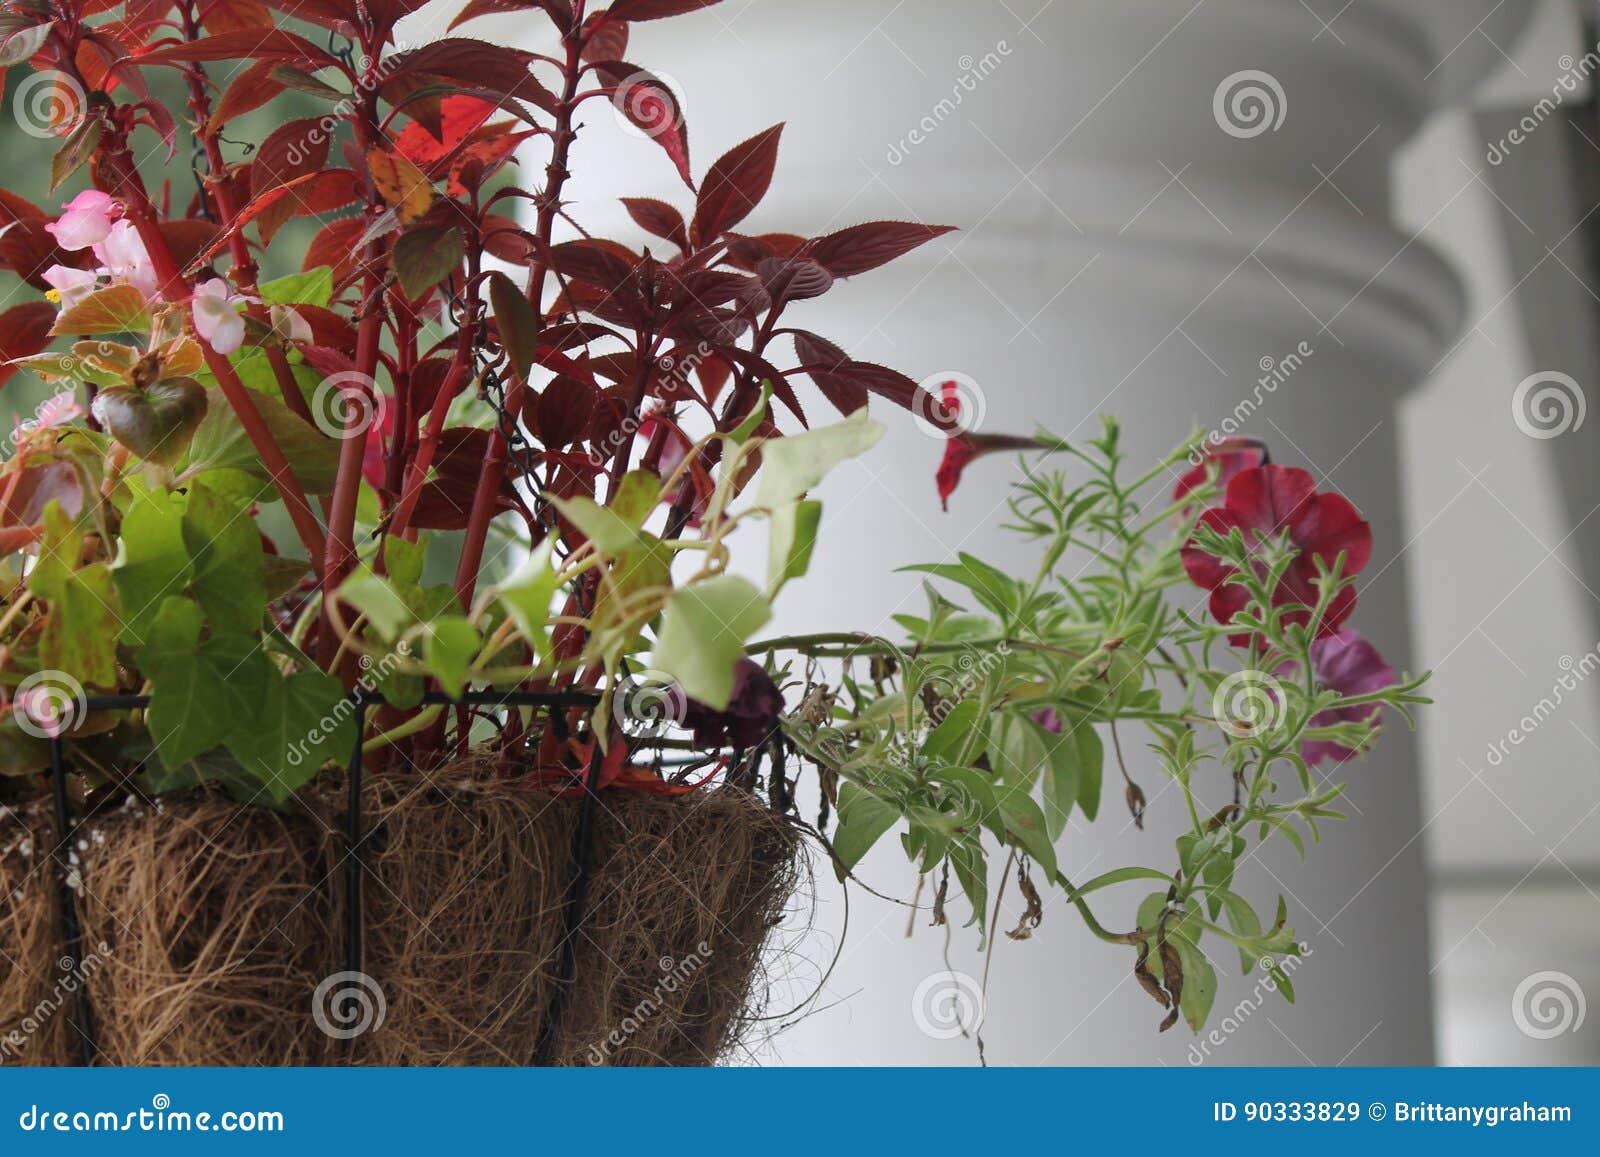 Plantes vertes fleurs rouges - Plante verte avec fleur blanche ...